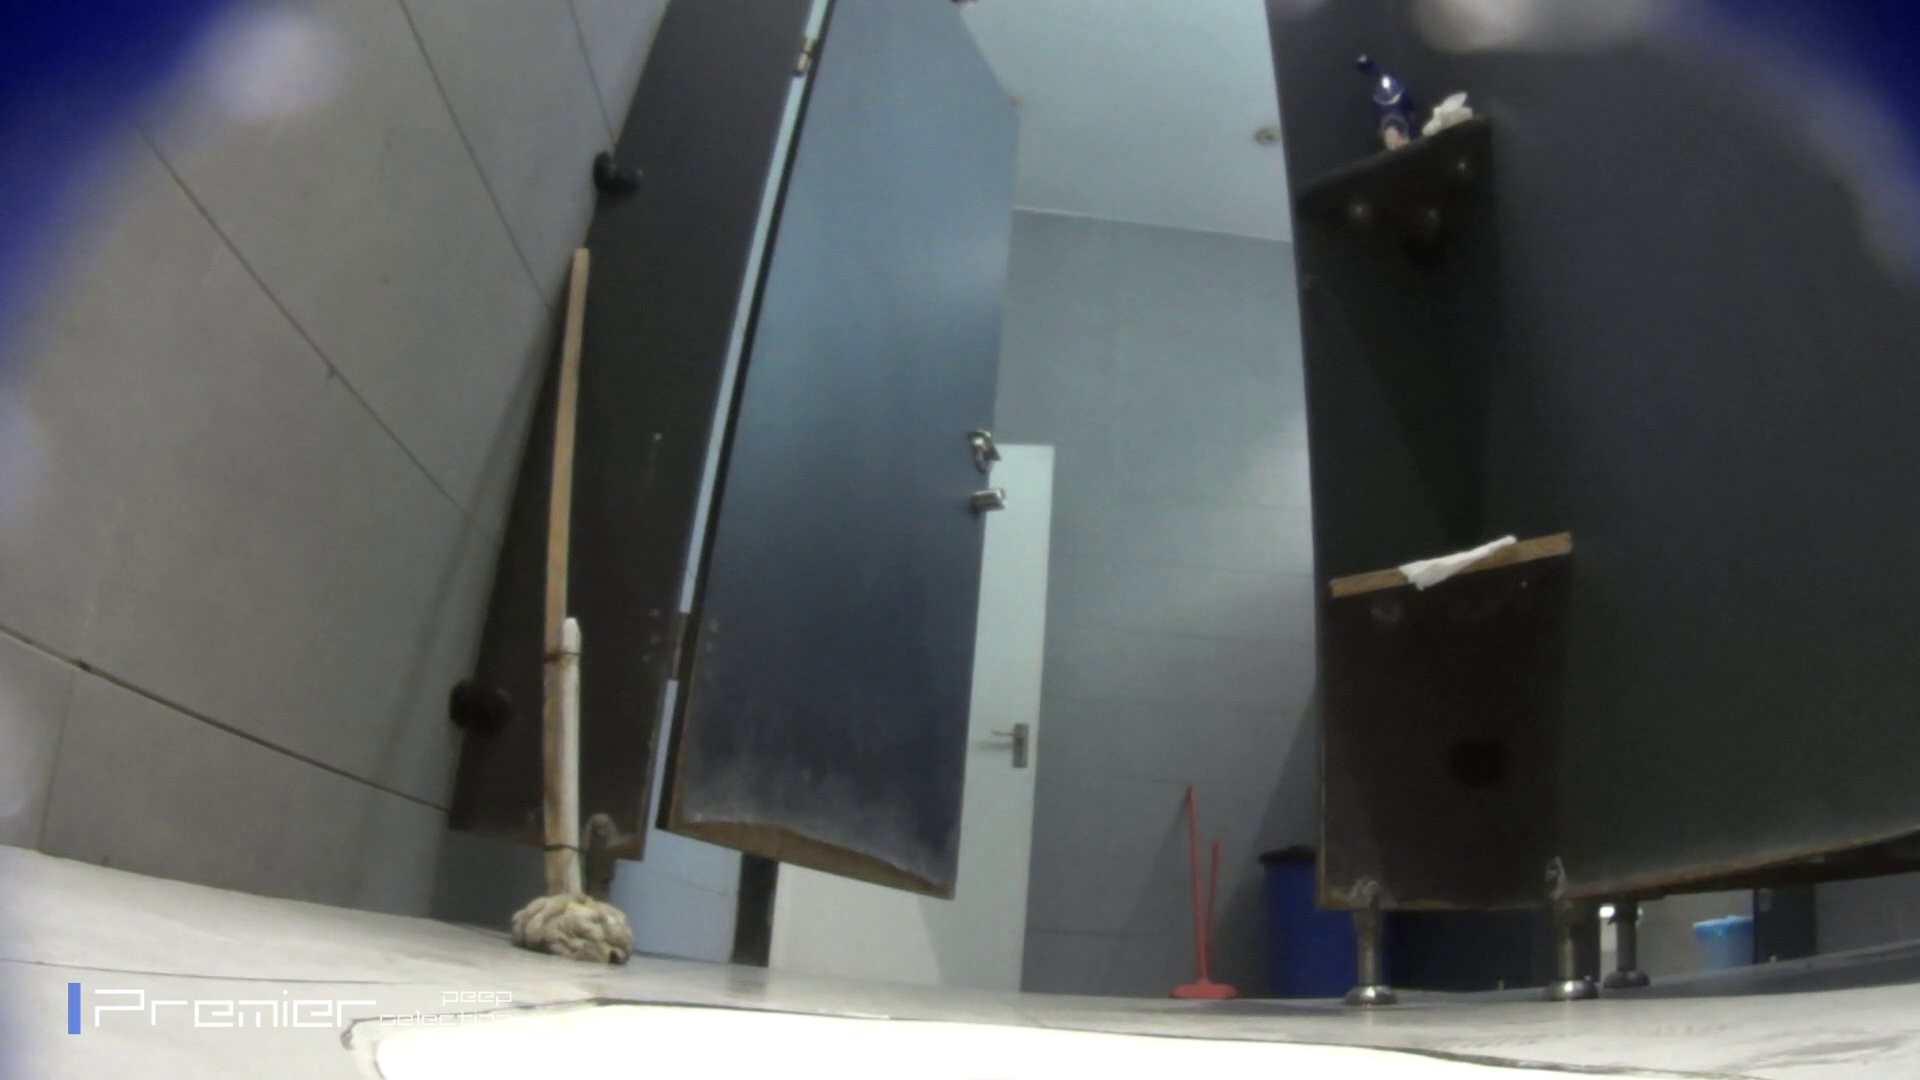 個室のドアを開けたまま放nyoする乙女 大学休憩時間の洗面所事情85 乙女  70PIX 3